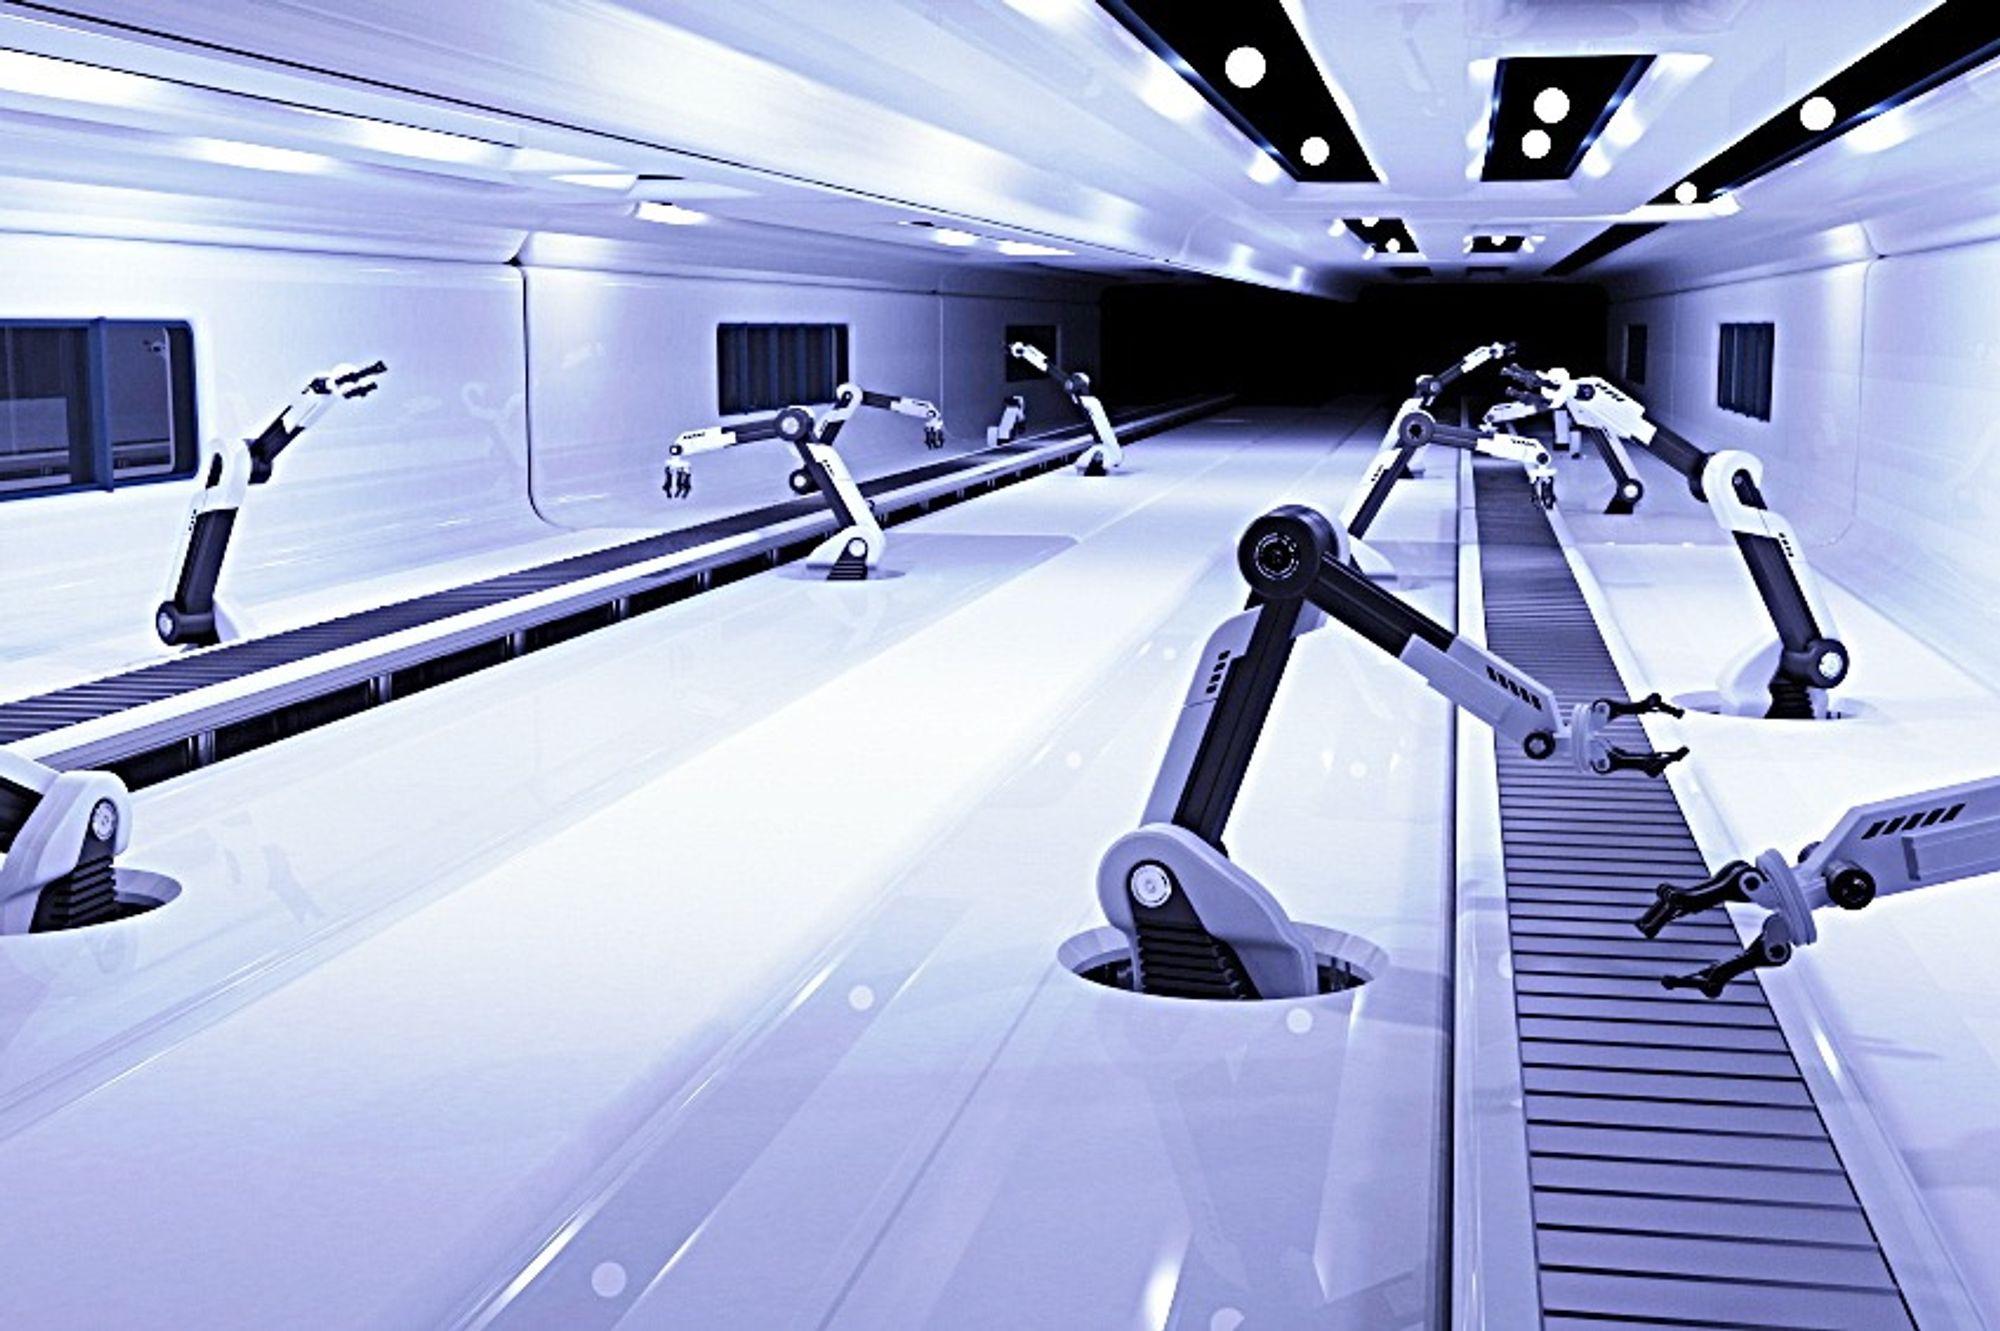 Morgendagens produksjonsteknologi settes under lupen i Kongsberg 4.-5. desember.